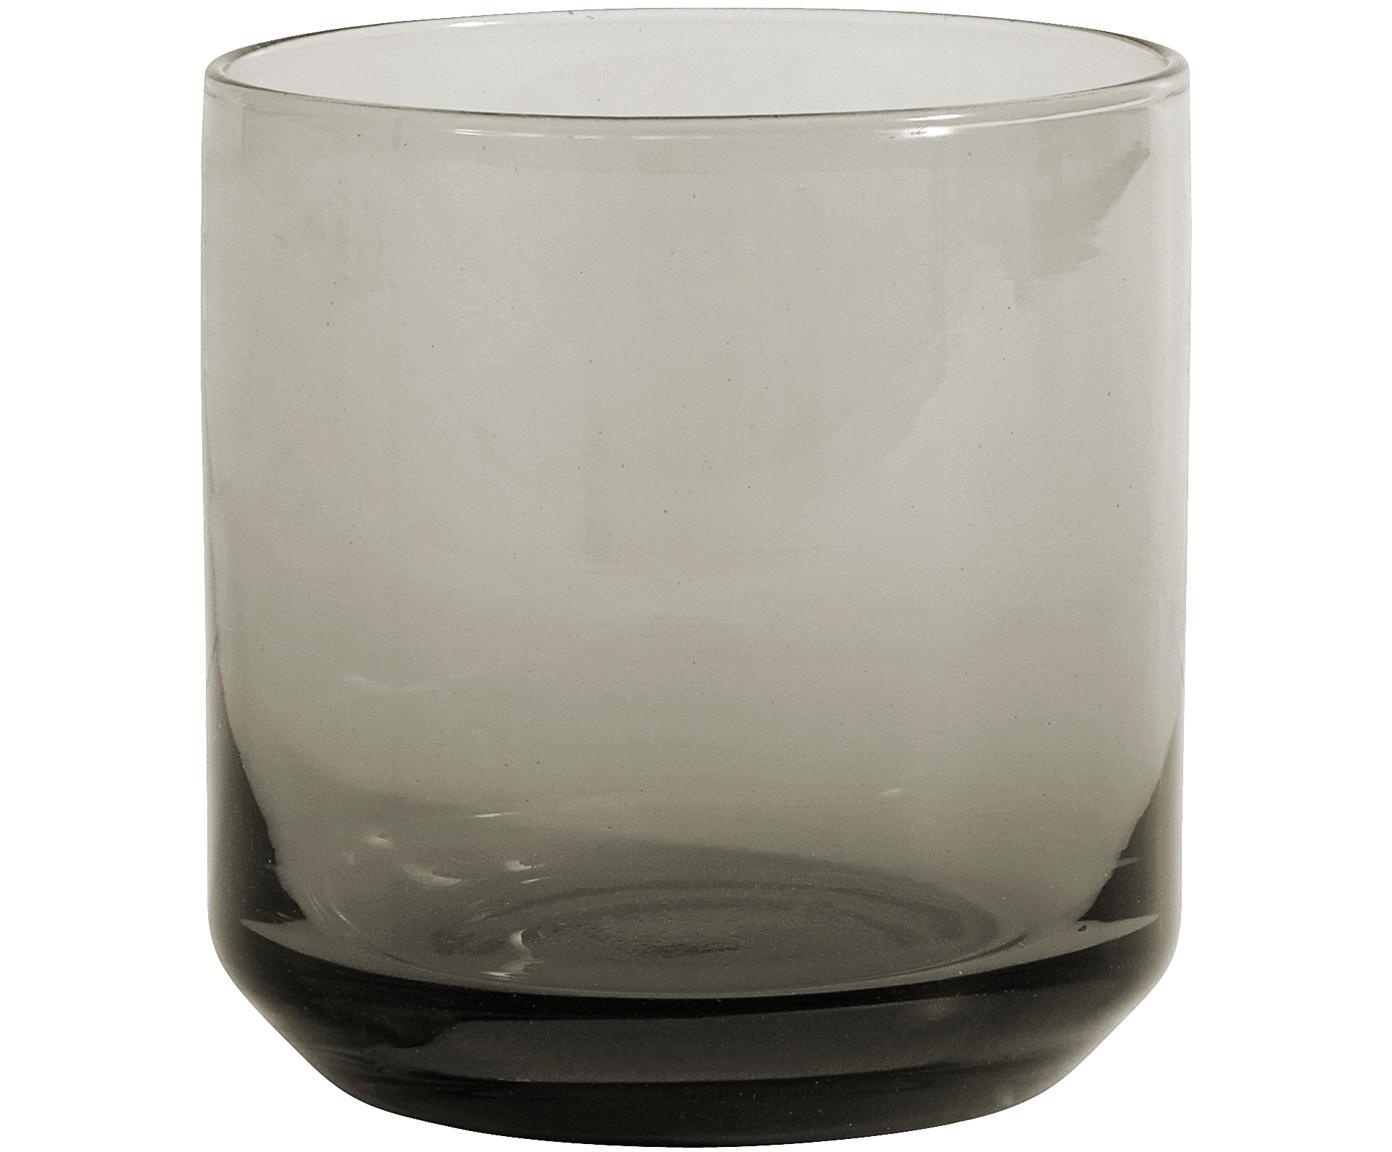 Mondgeblazen waterglazen Retro in grijs, 6 stuks, Glas, Fumé, licht transparant, Ø 8 x H 8 cm